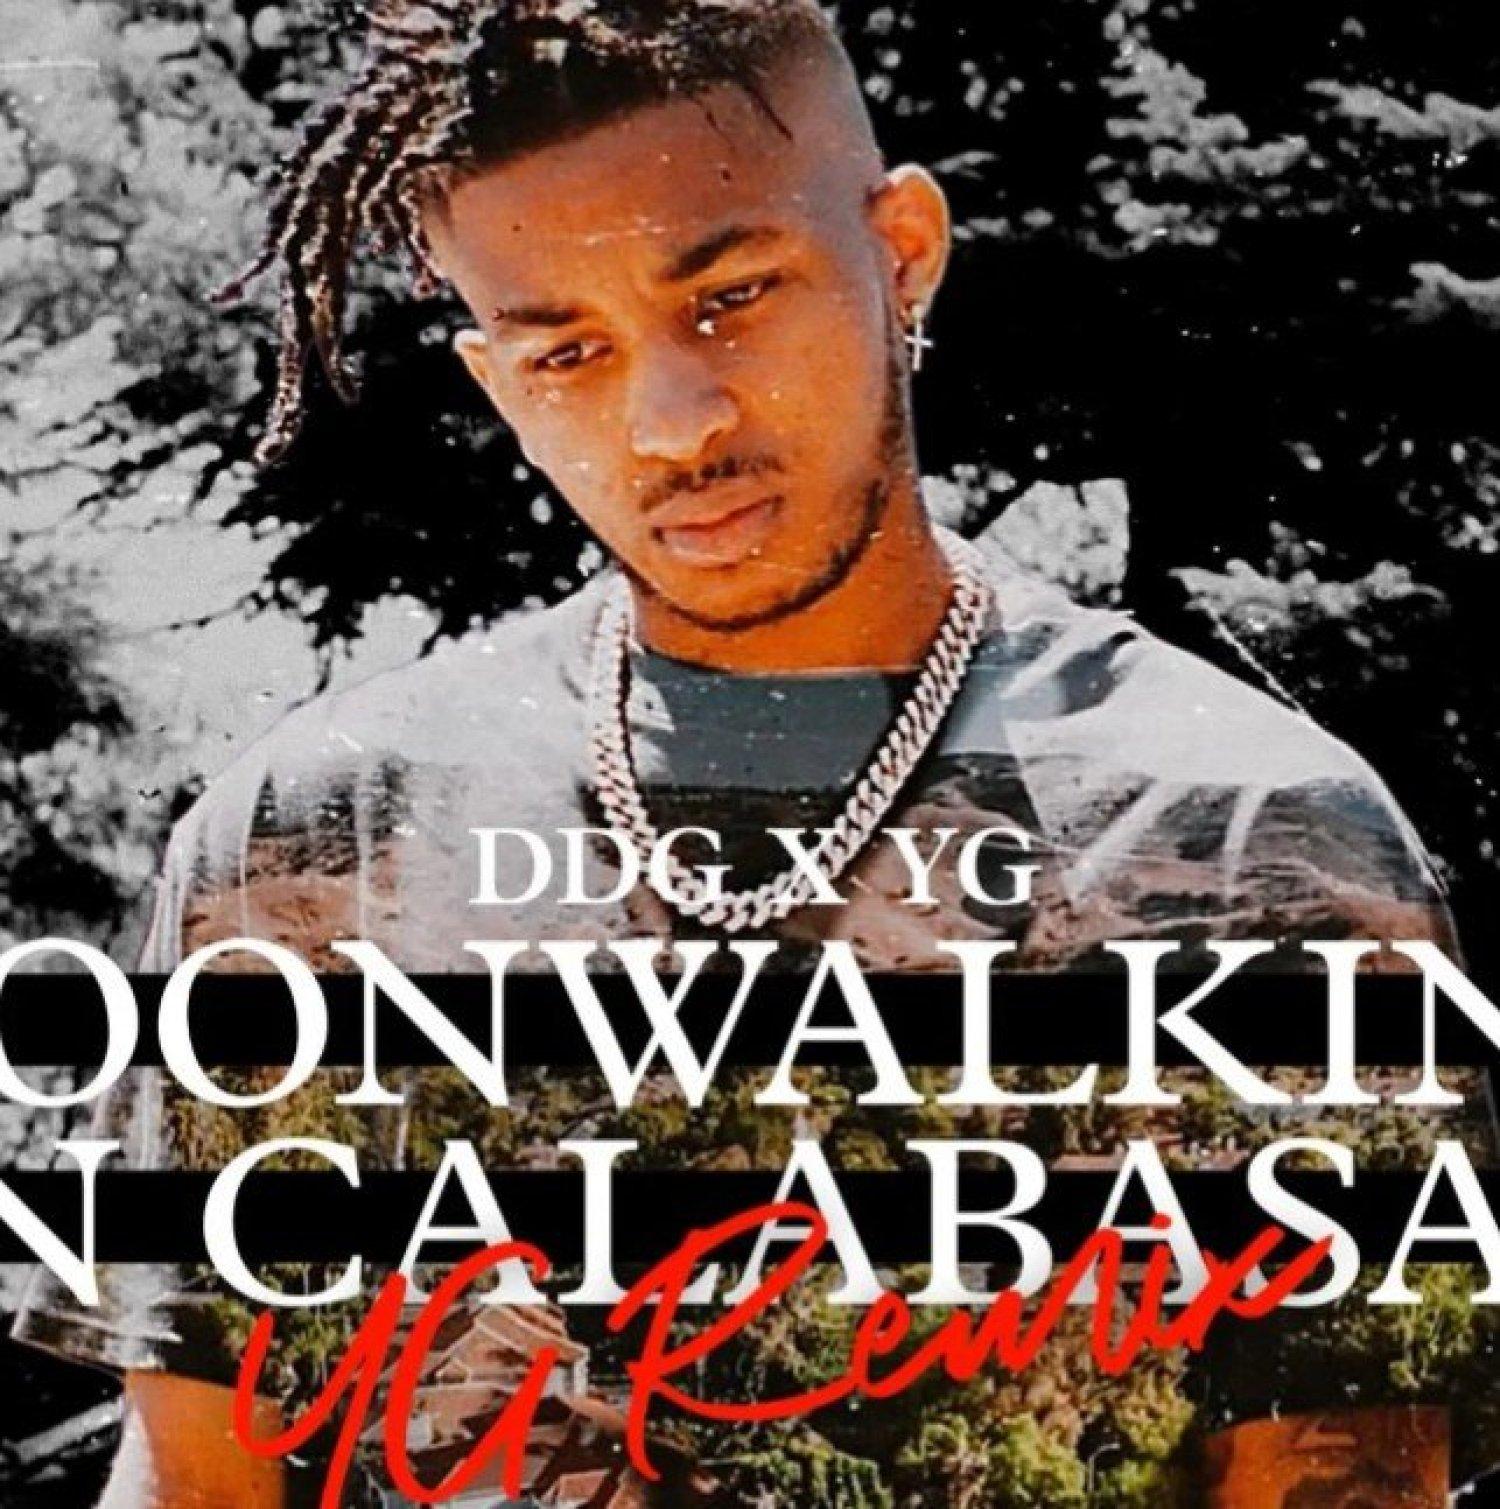 DOWNLOAD MP3: DDG Ft. YG – Moonwalking In Calabasas (YG Remix)